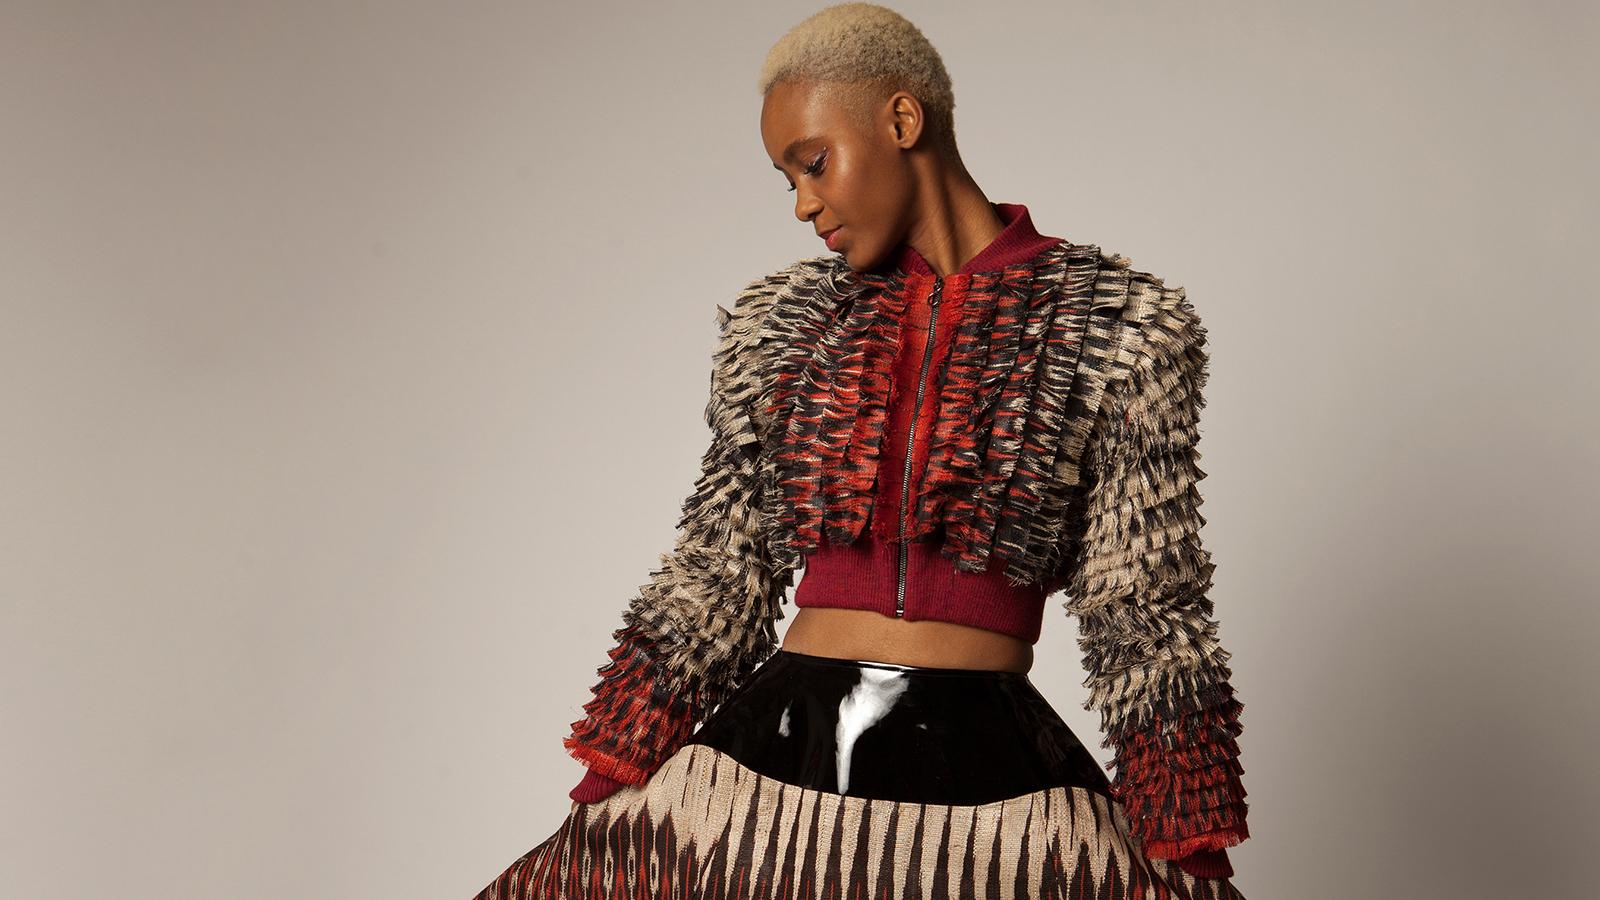 marangoni miami: курс по модному дизайну в США